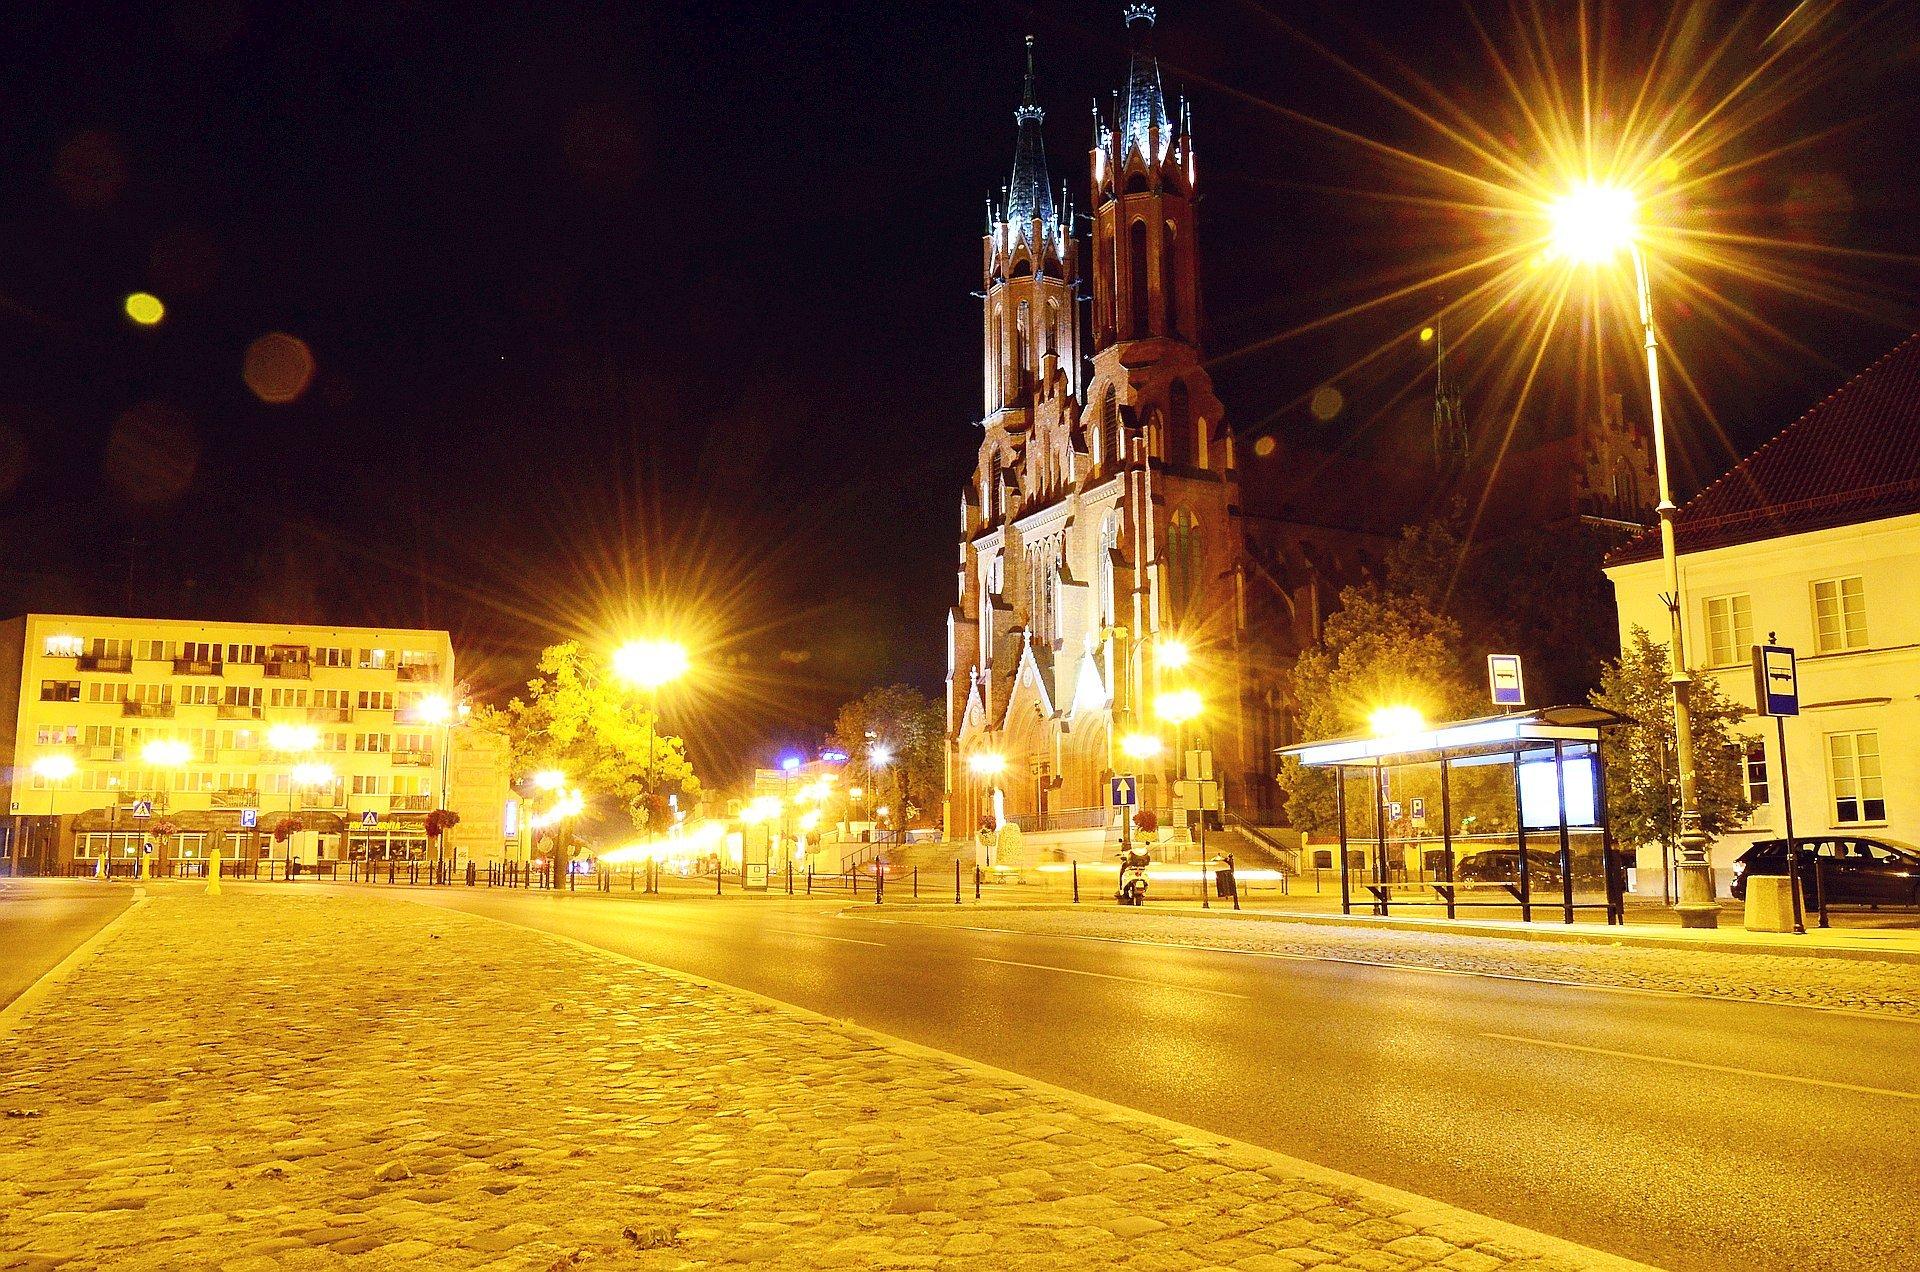 Białystok centrum noc nocą katedra przystanek Kilińskiegofree photo darmowe zdjęcie